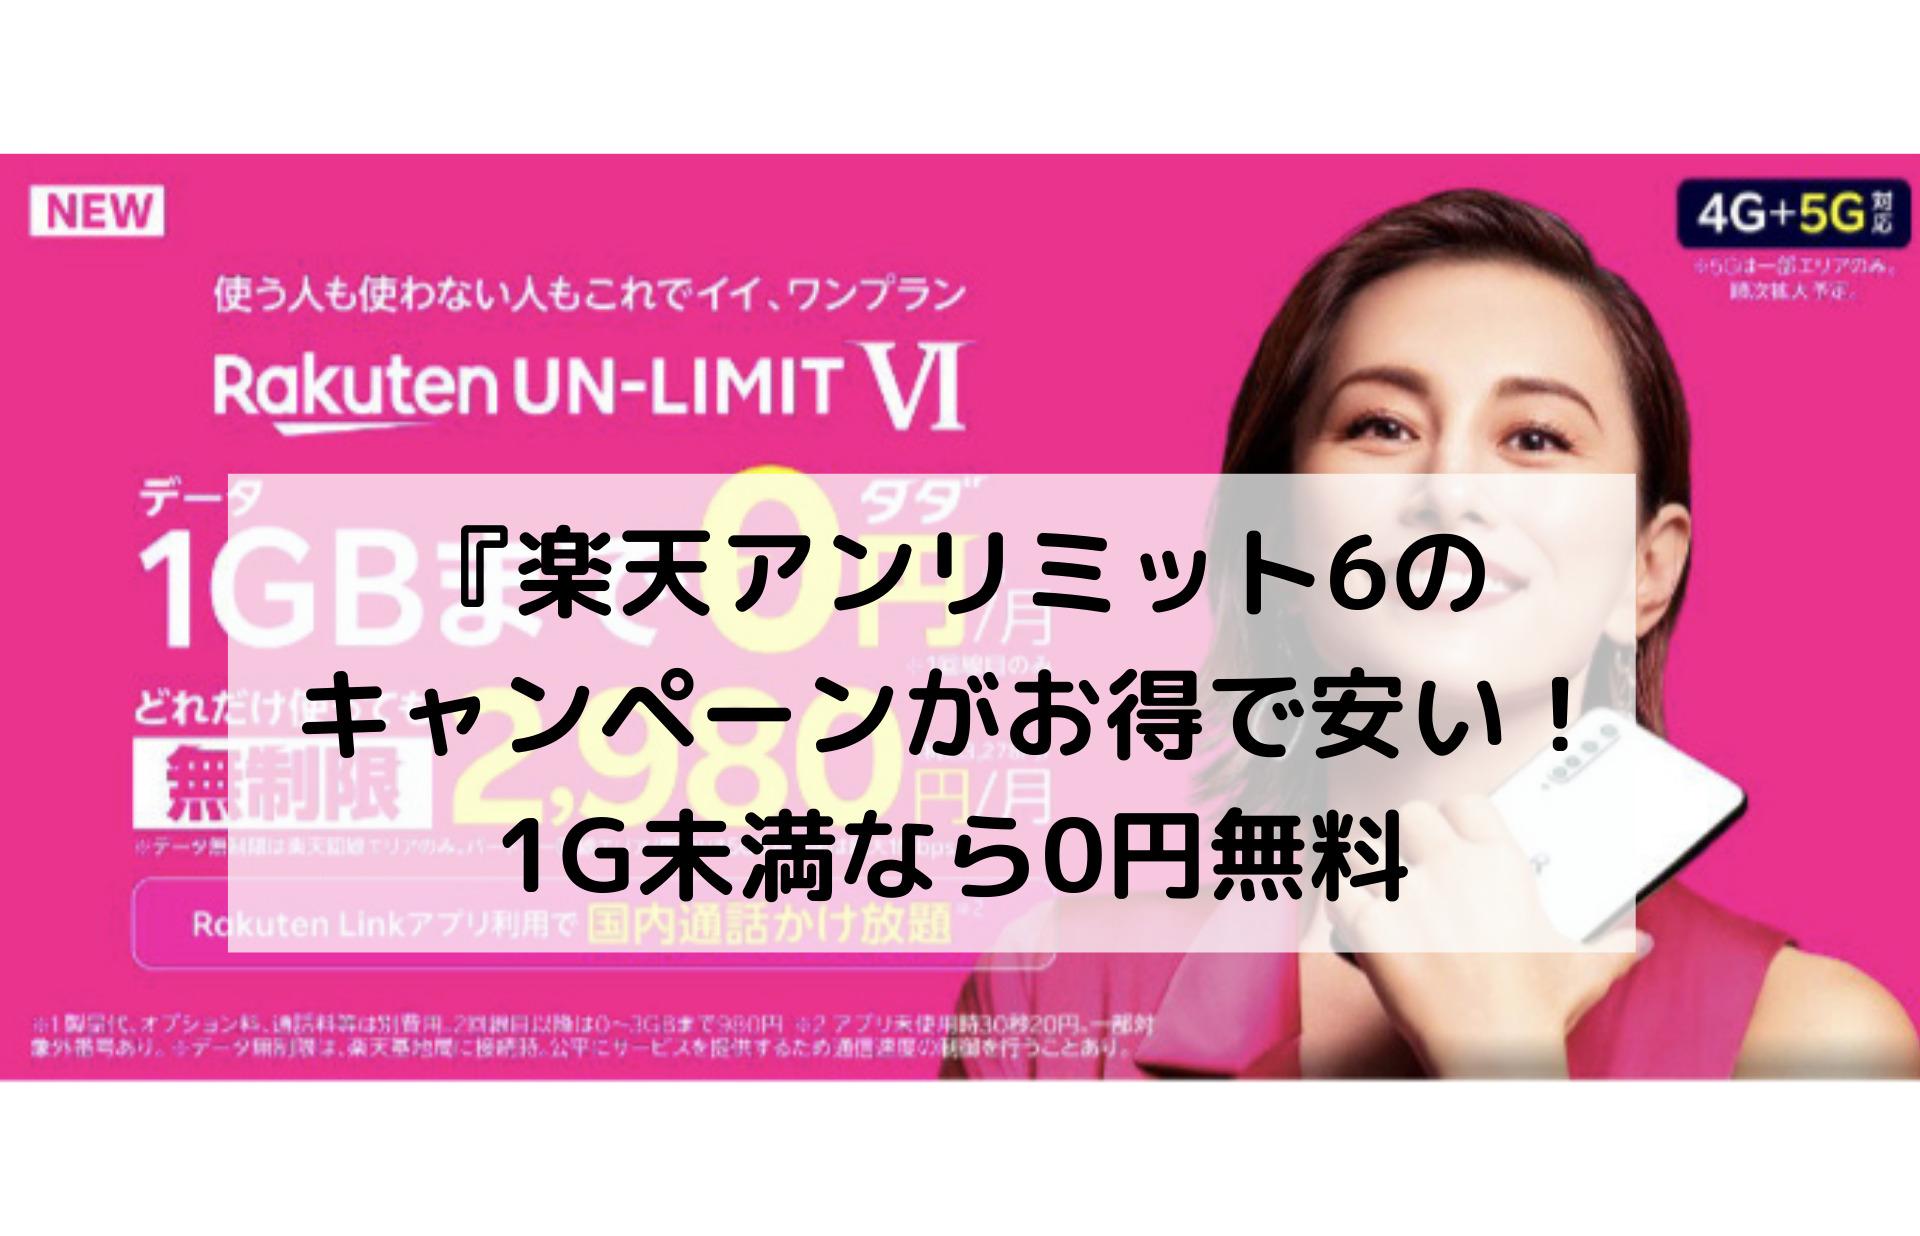 楽天アンリミット6のキャンペーンがお得で安い!1G未満なら0円無料